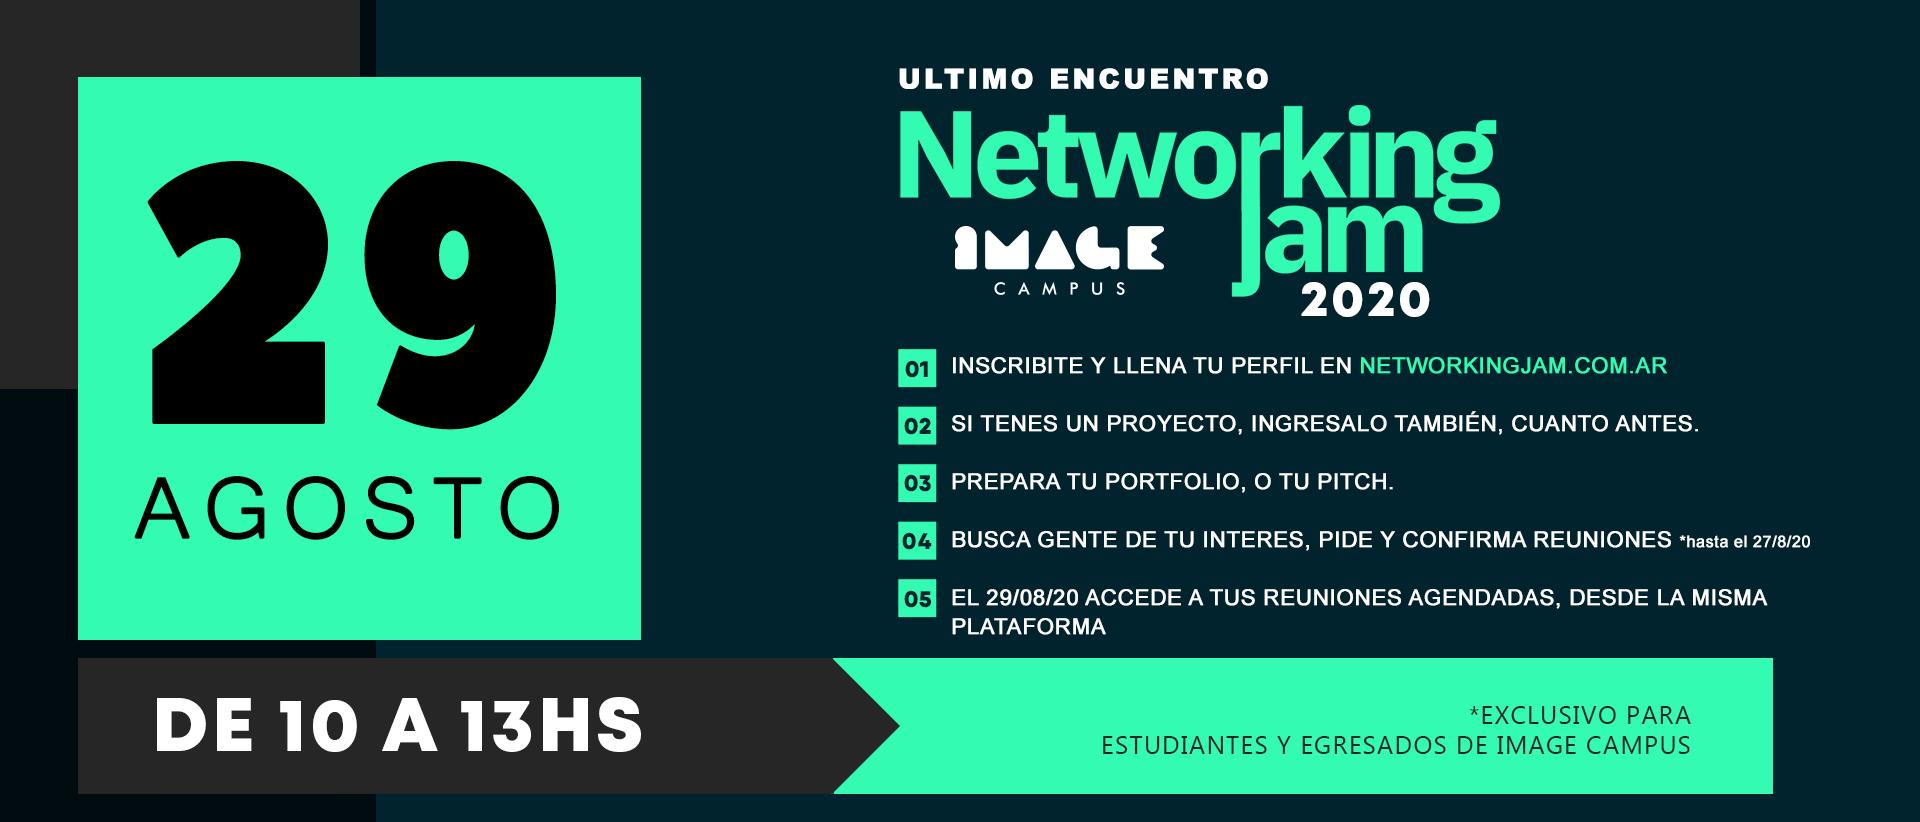 Troisième réunion - Networking Jam 2020 - Image Campus